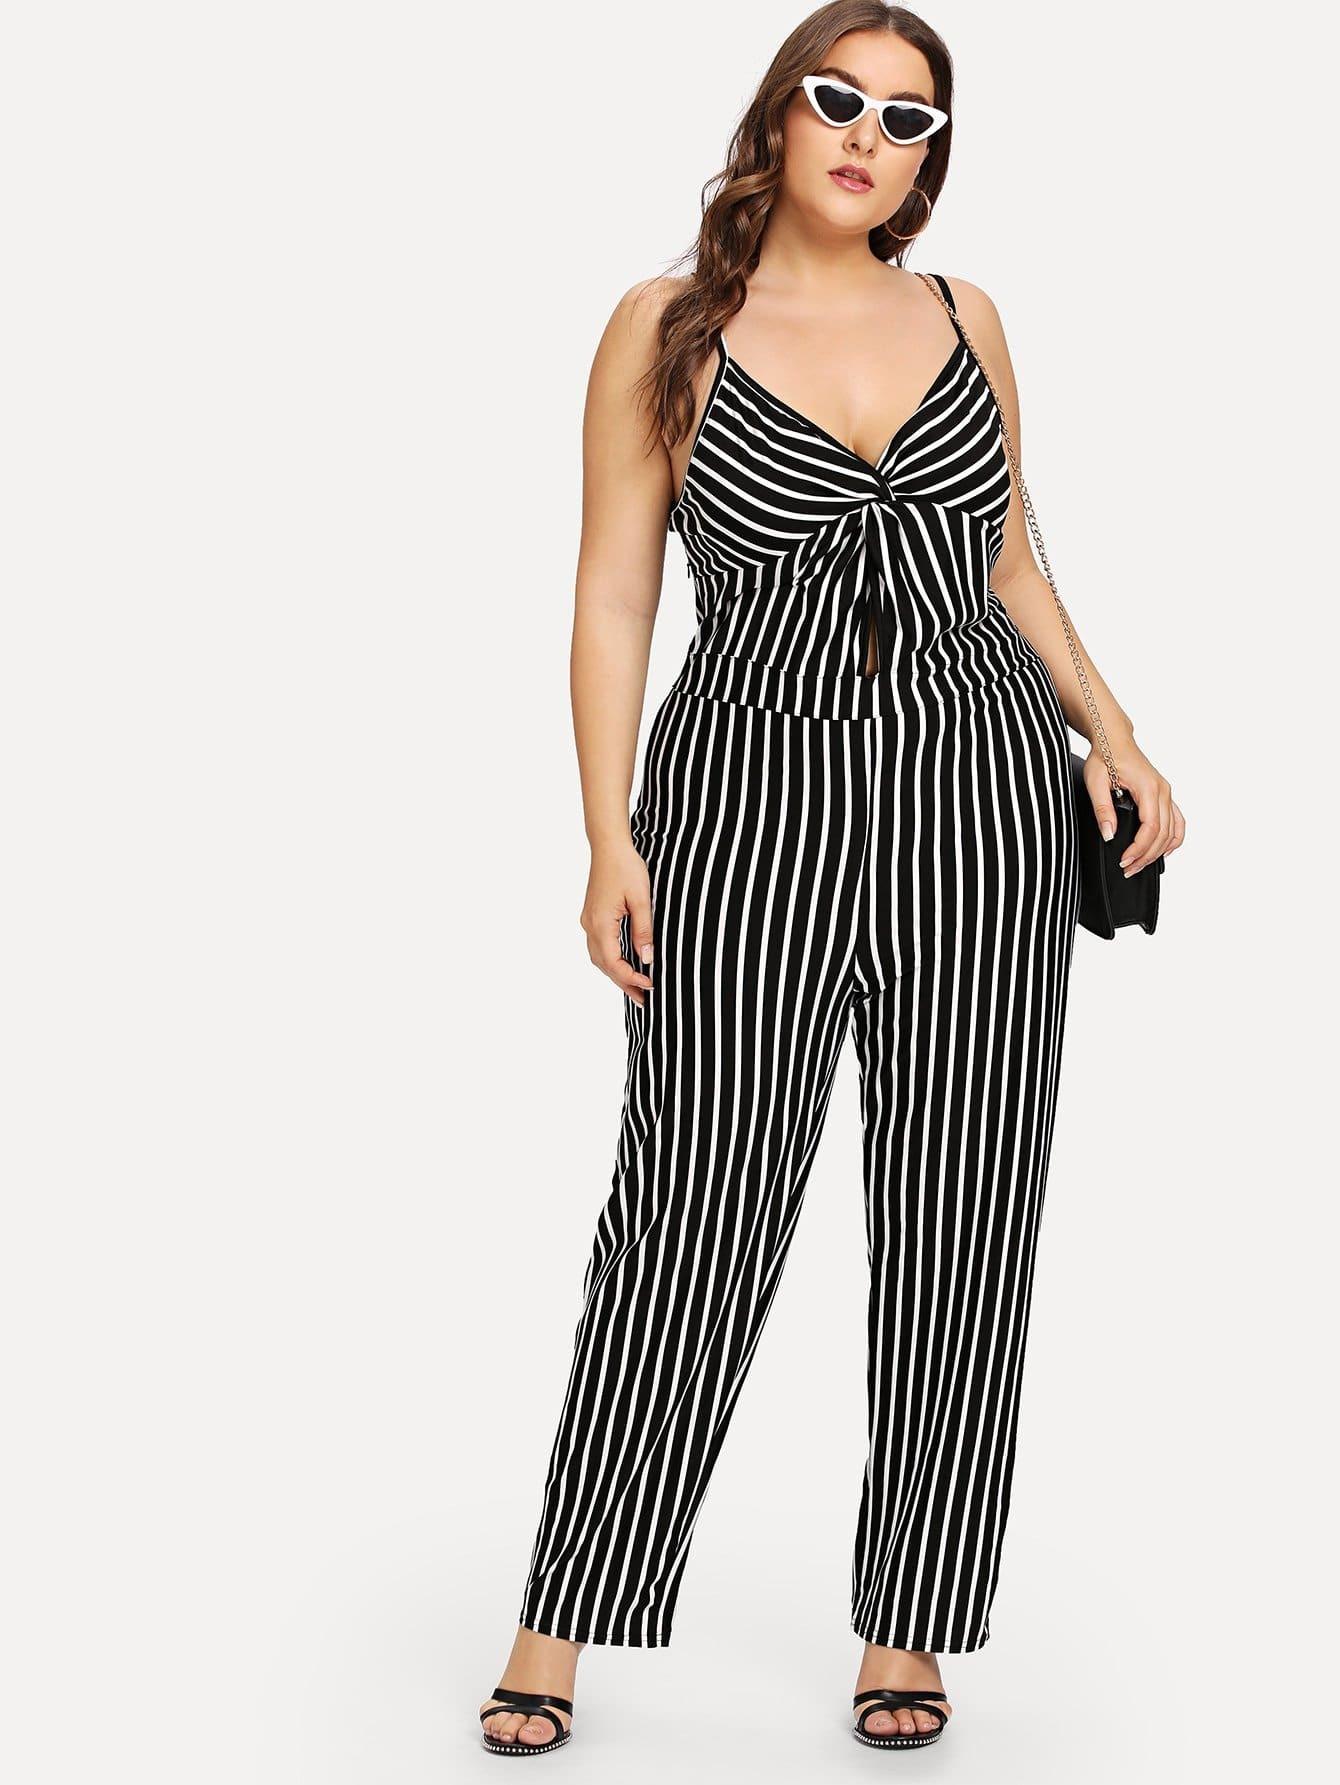 Plus Cut Out Twist Front Striped Cami Jumpsuit